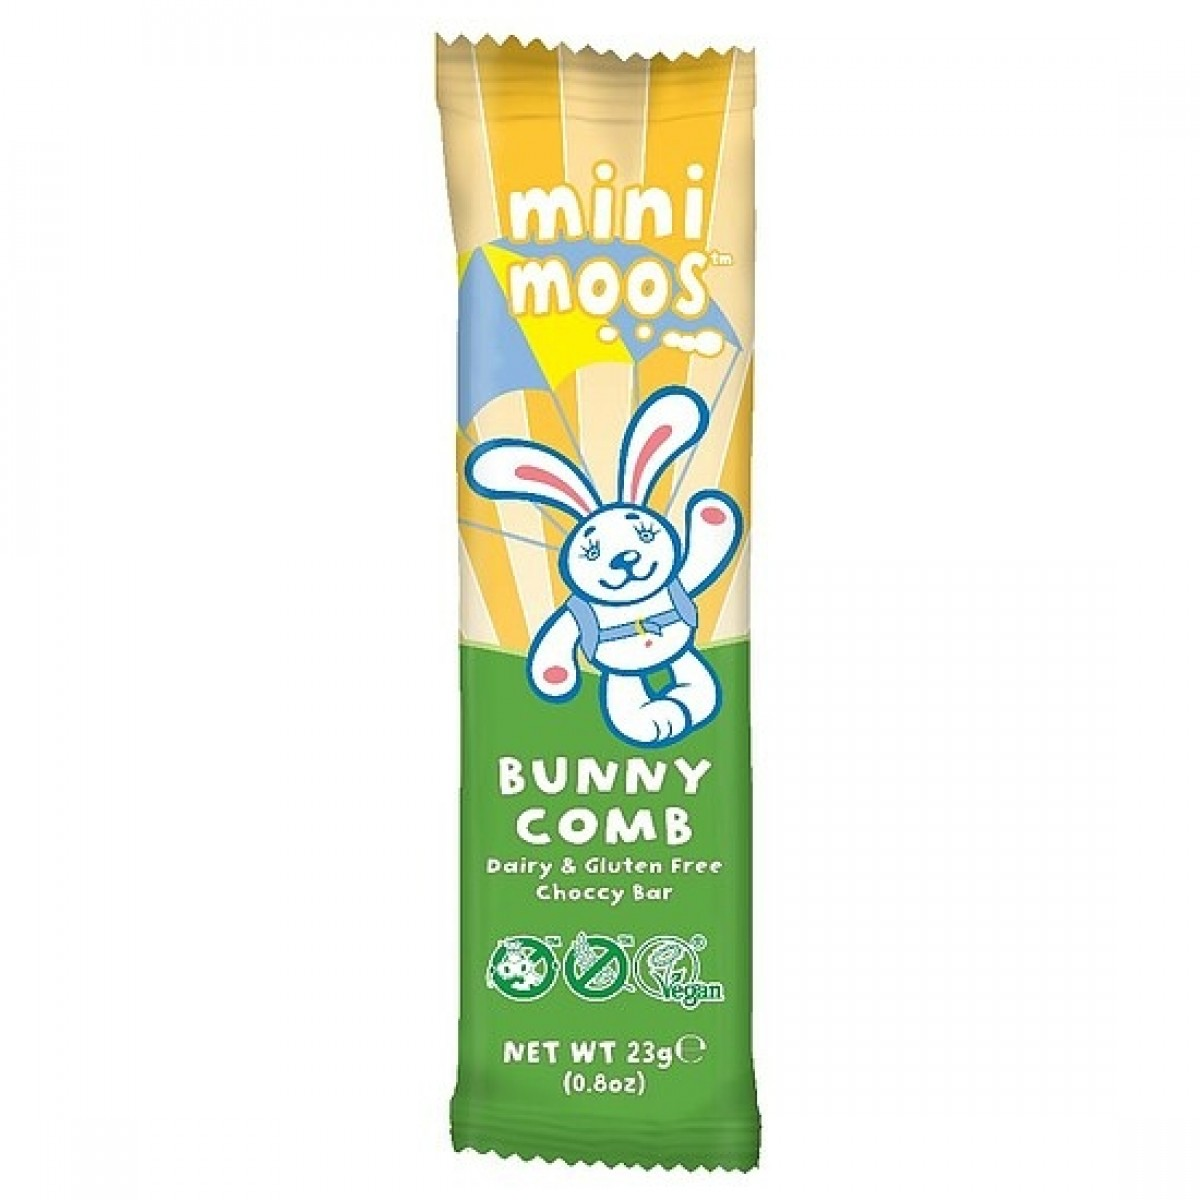 Bunny Comb Chocolade Honingraat Lactosevrij